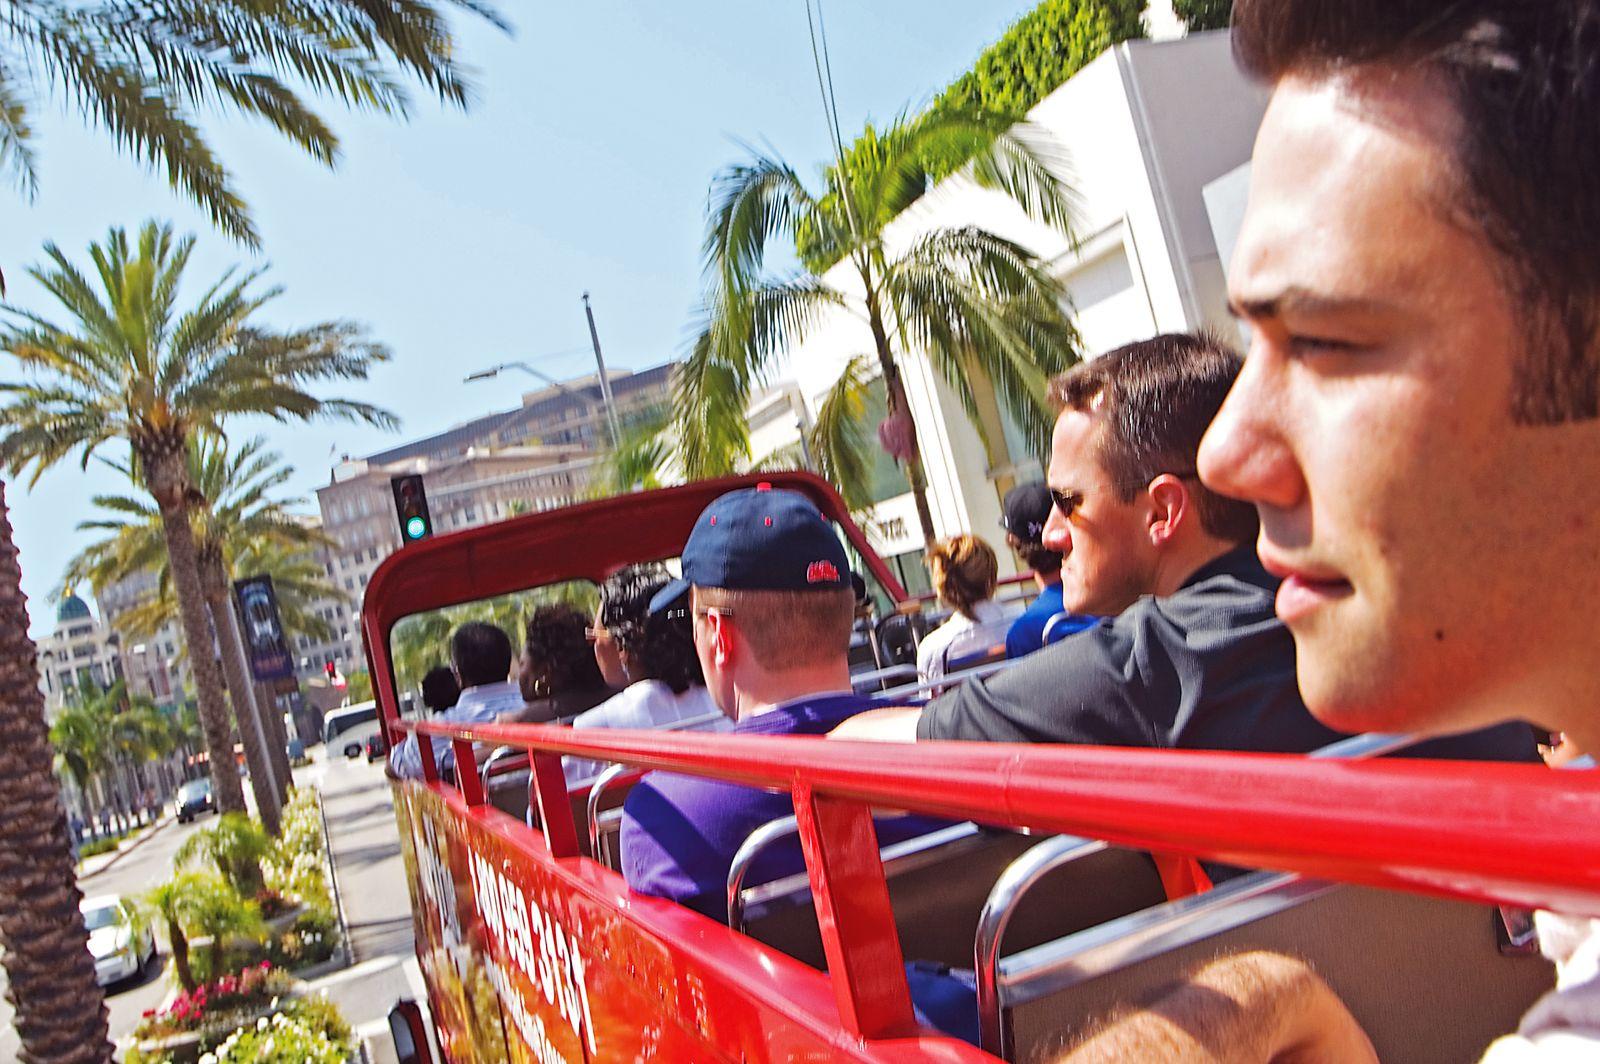 Sightseeing per Bus in Los Angeles